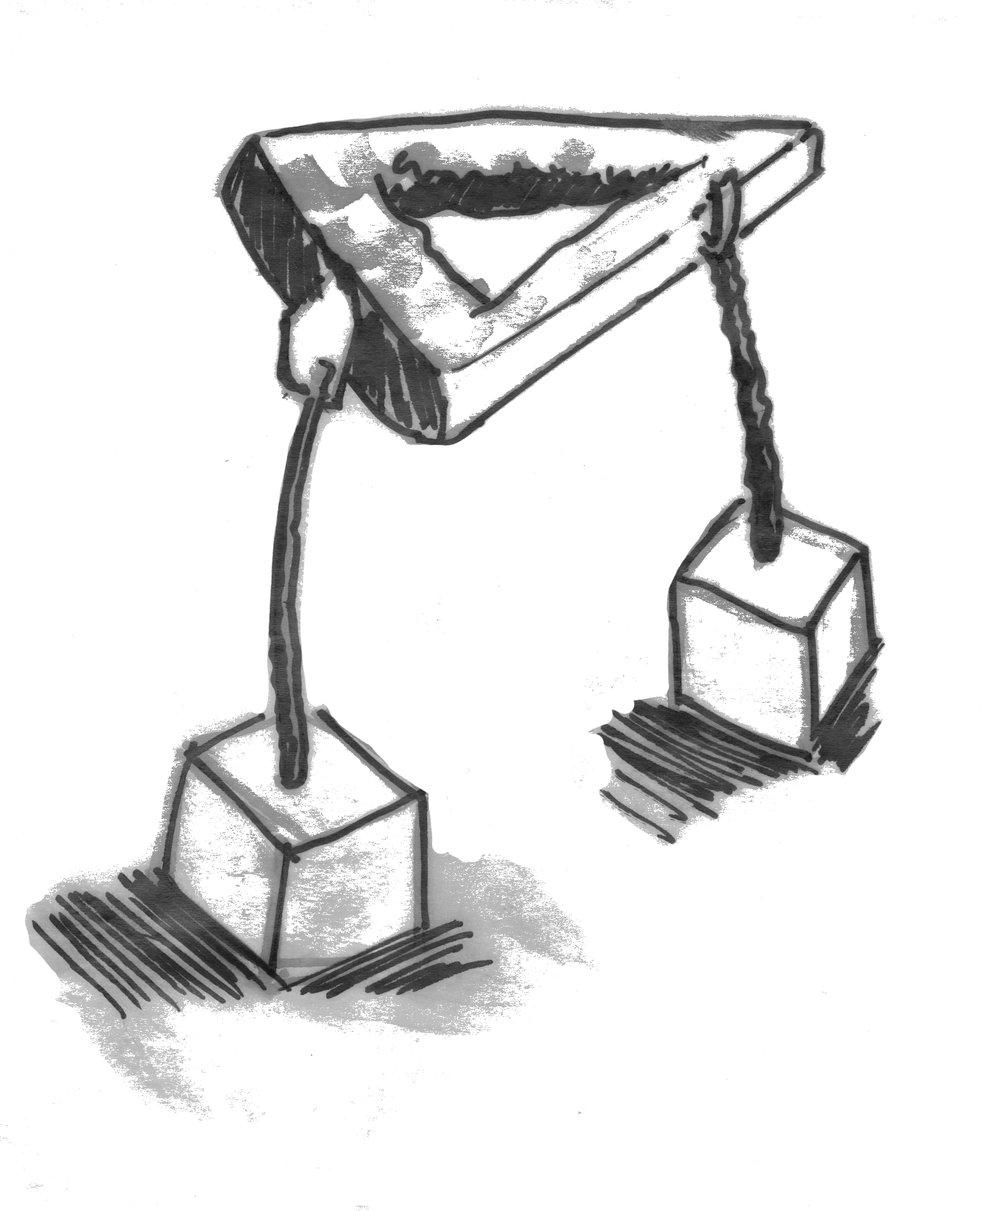 Autonomous Wall Climber